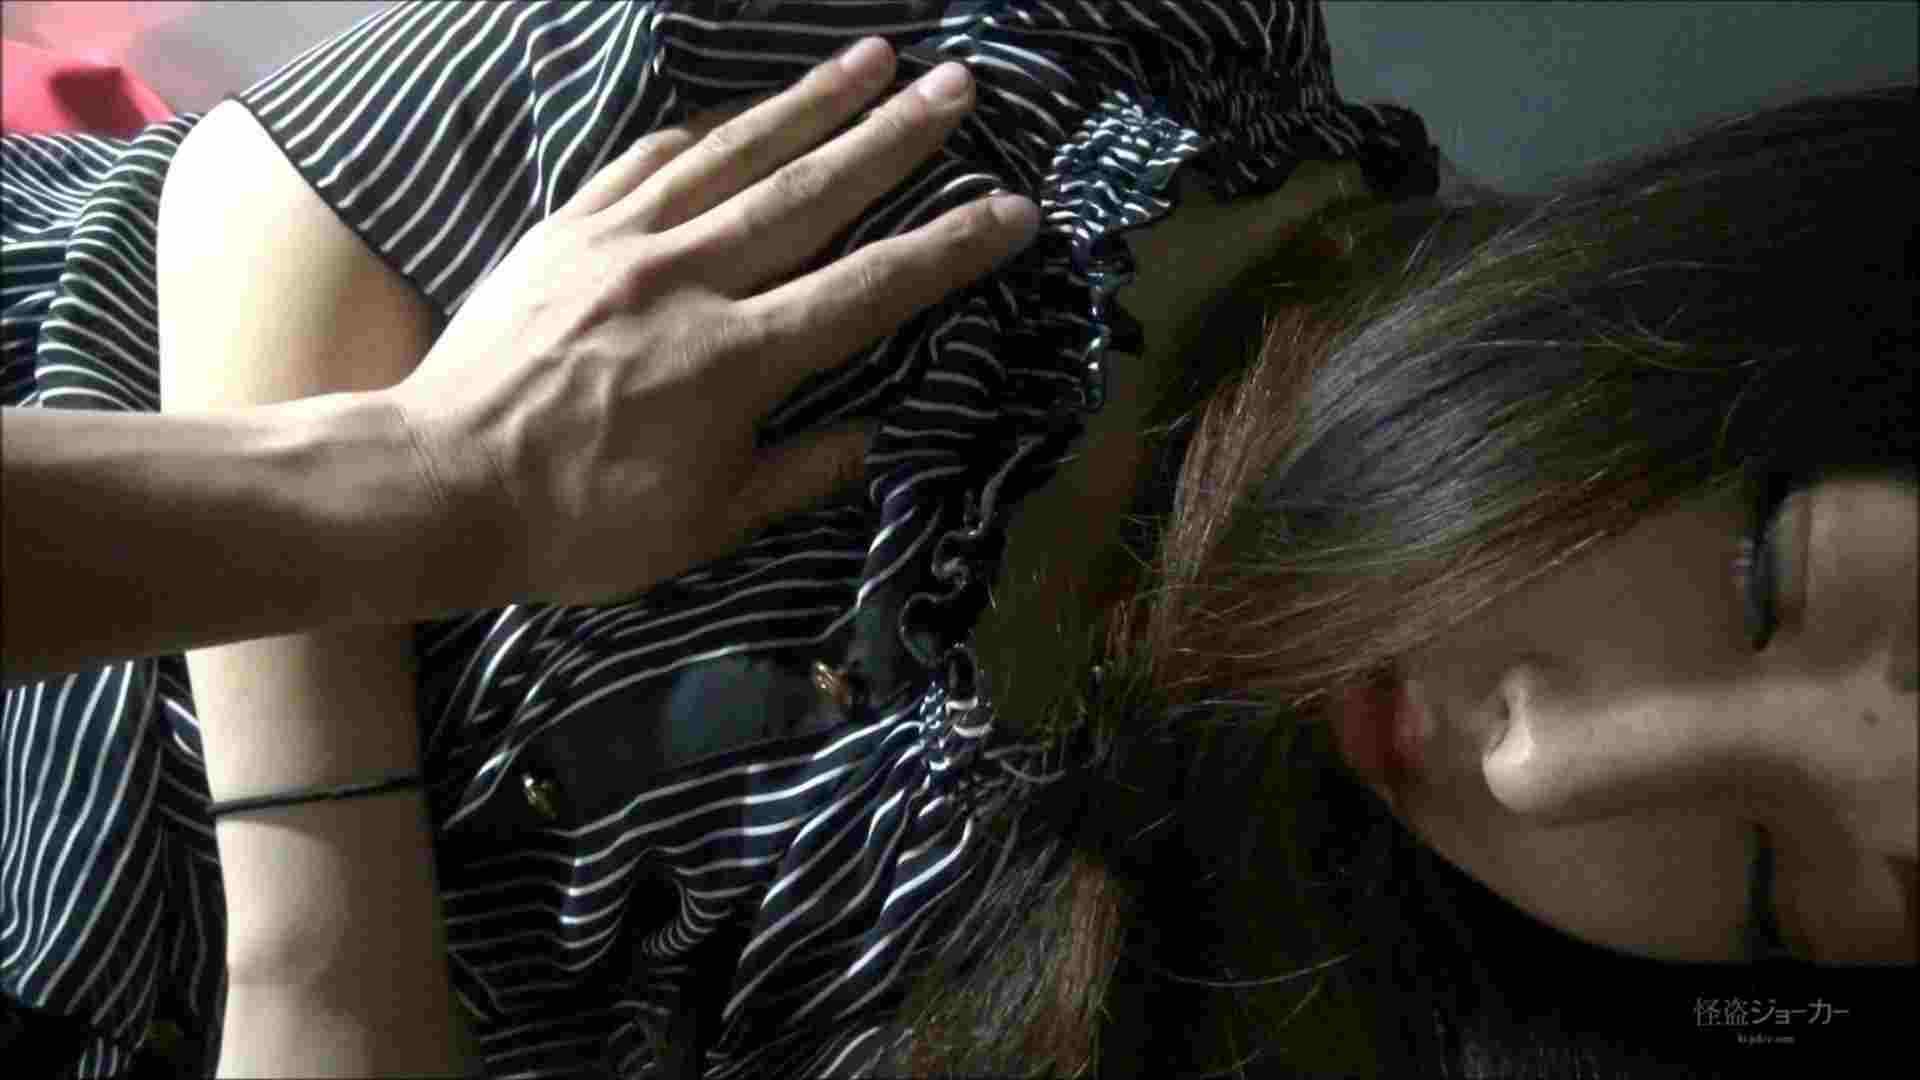 【未公開】vol.89 {黒髪女子18歳}押しに弱いYURIちゃん。 イタズラ 盗み撮り動画キャプチャ 83pic 40